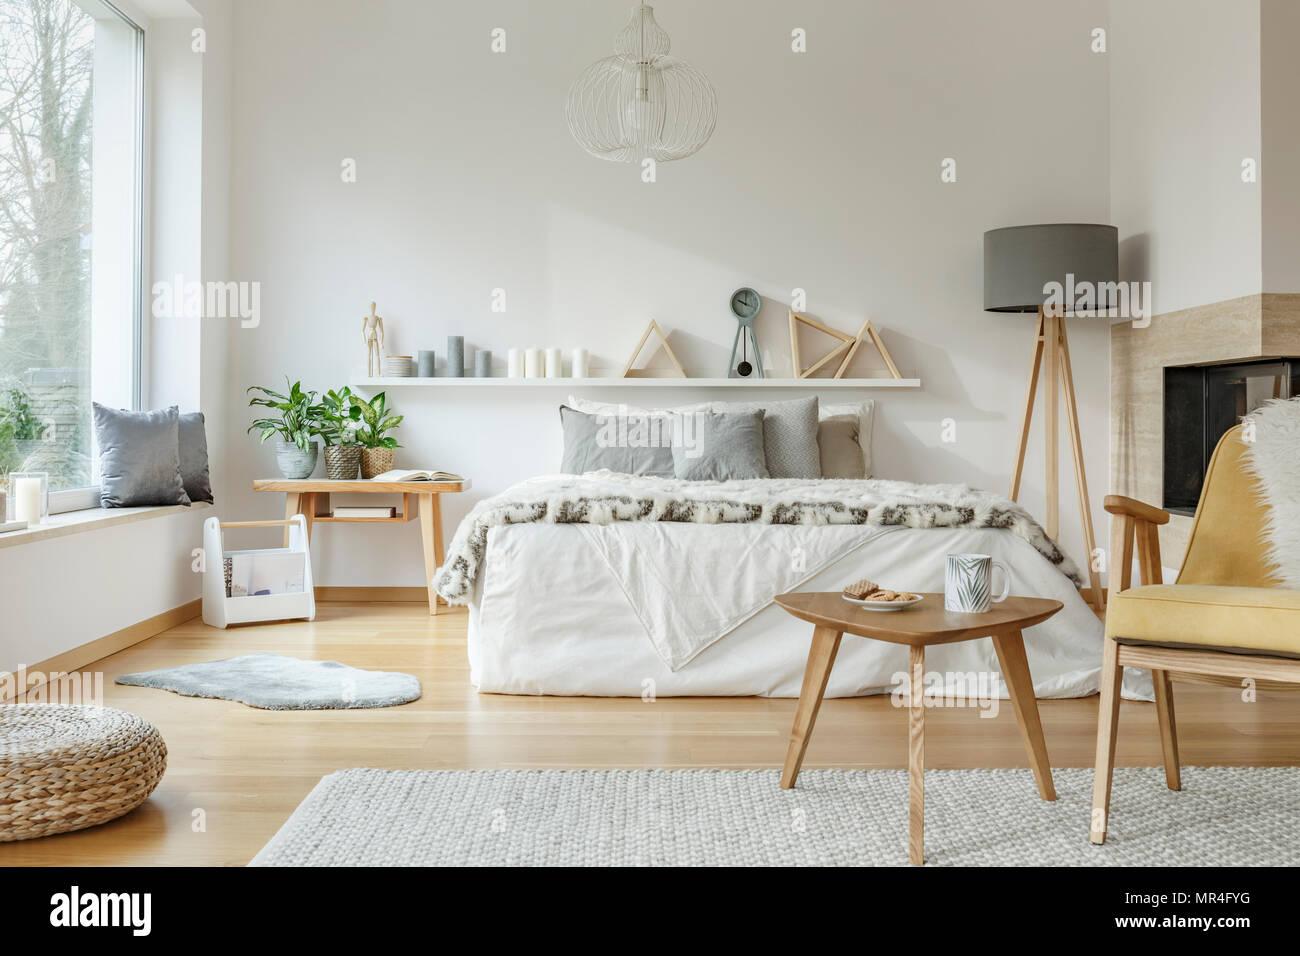 Holz Tisch Neben Einem Gelben Sessel In Gemutlichen Schlafzimmer